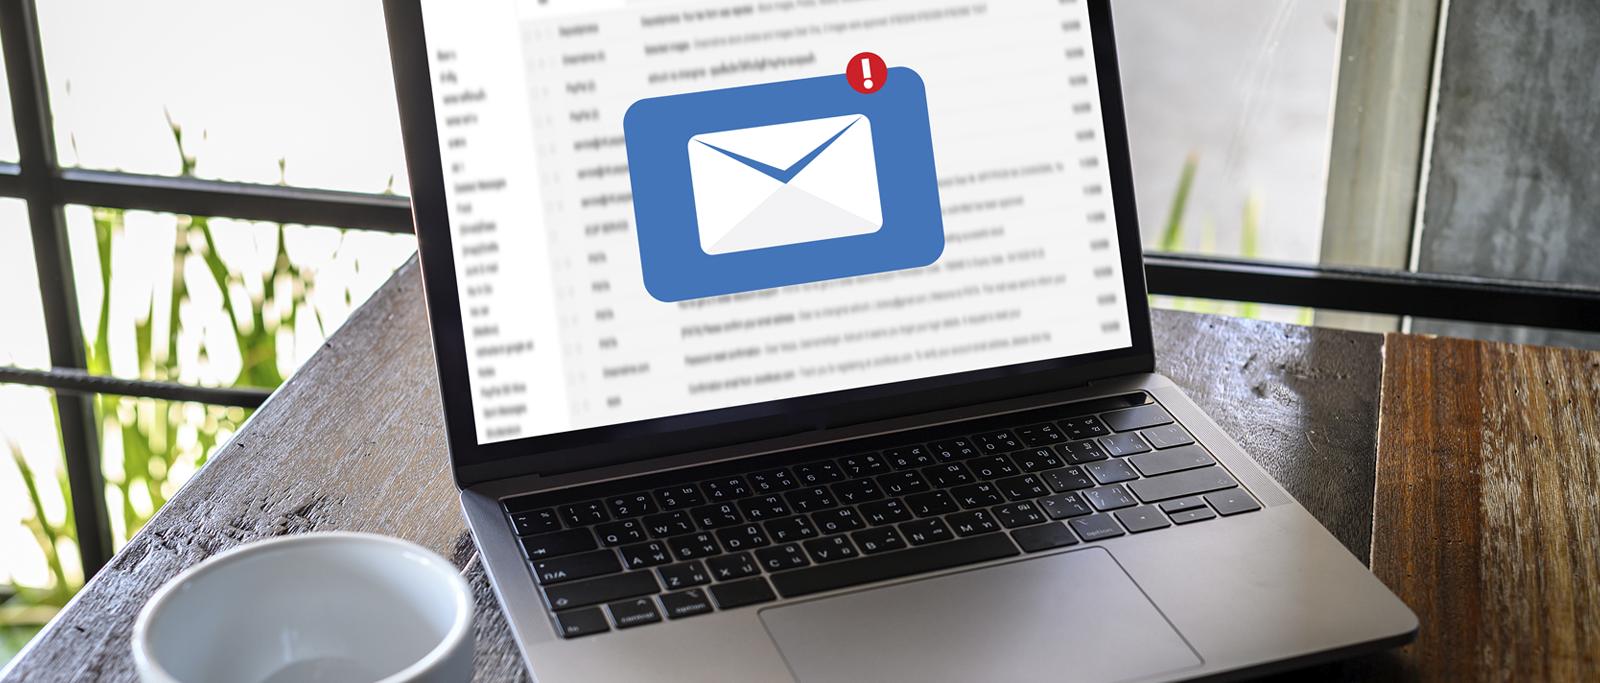 Funil de vendas B2B: como aumentar o número de vendas com lista de e-mails?